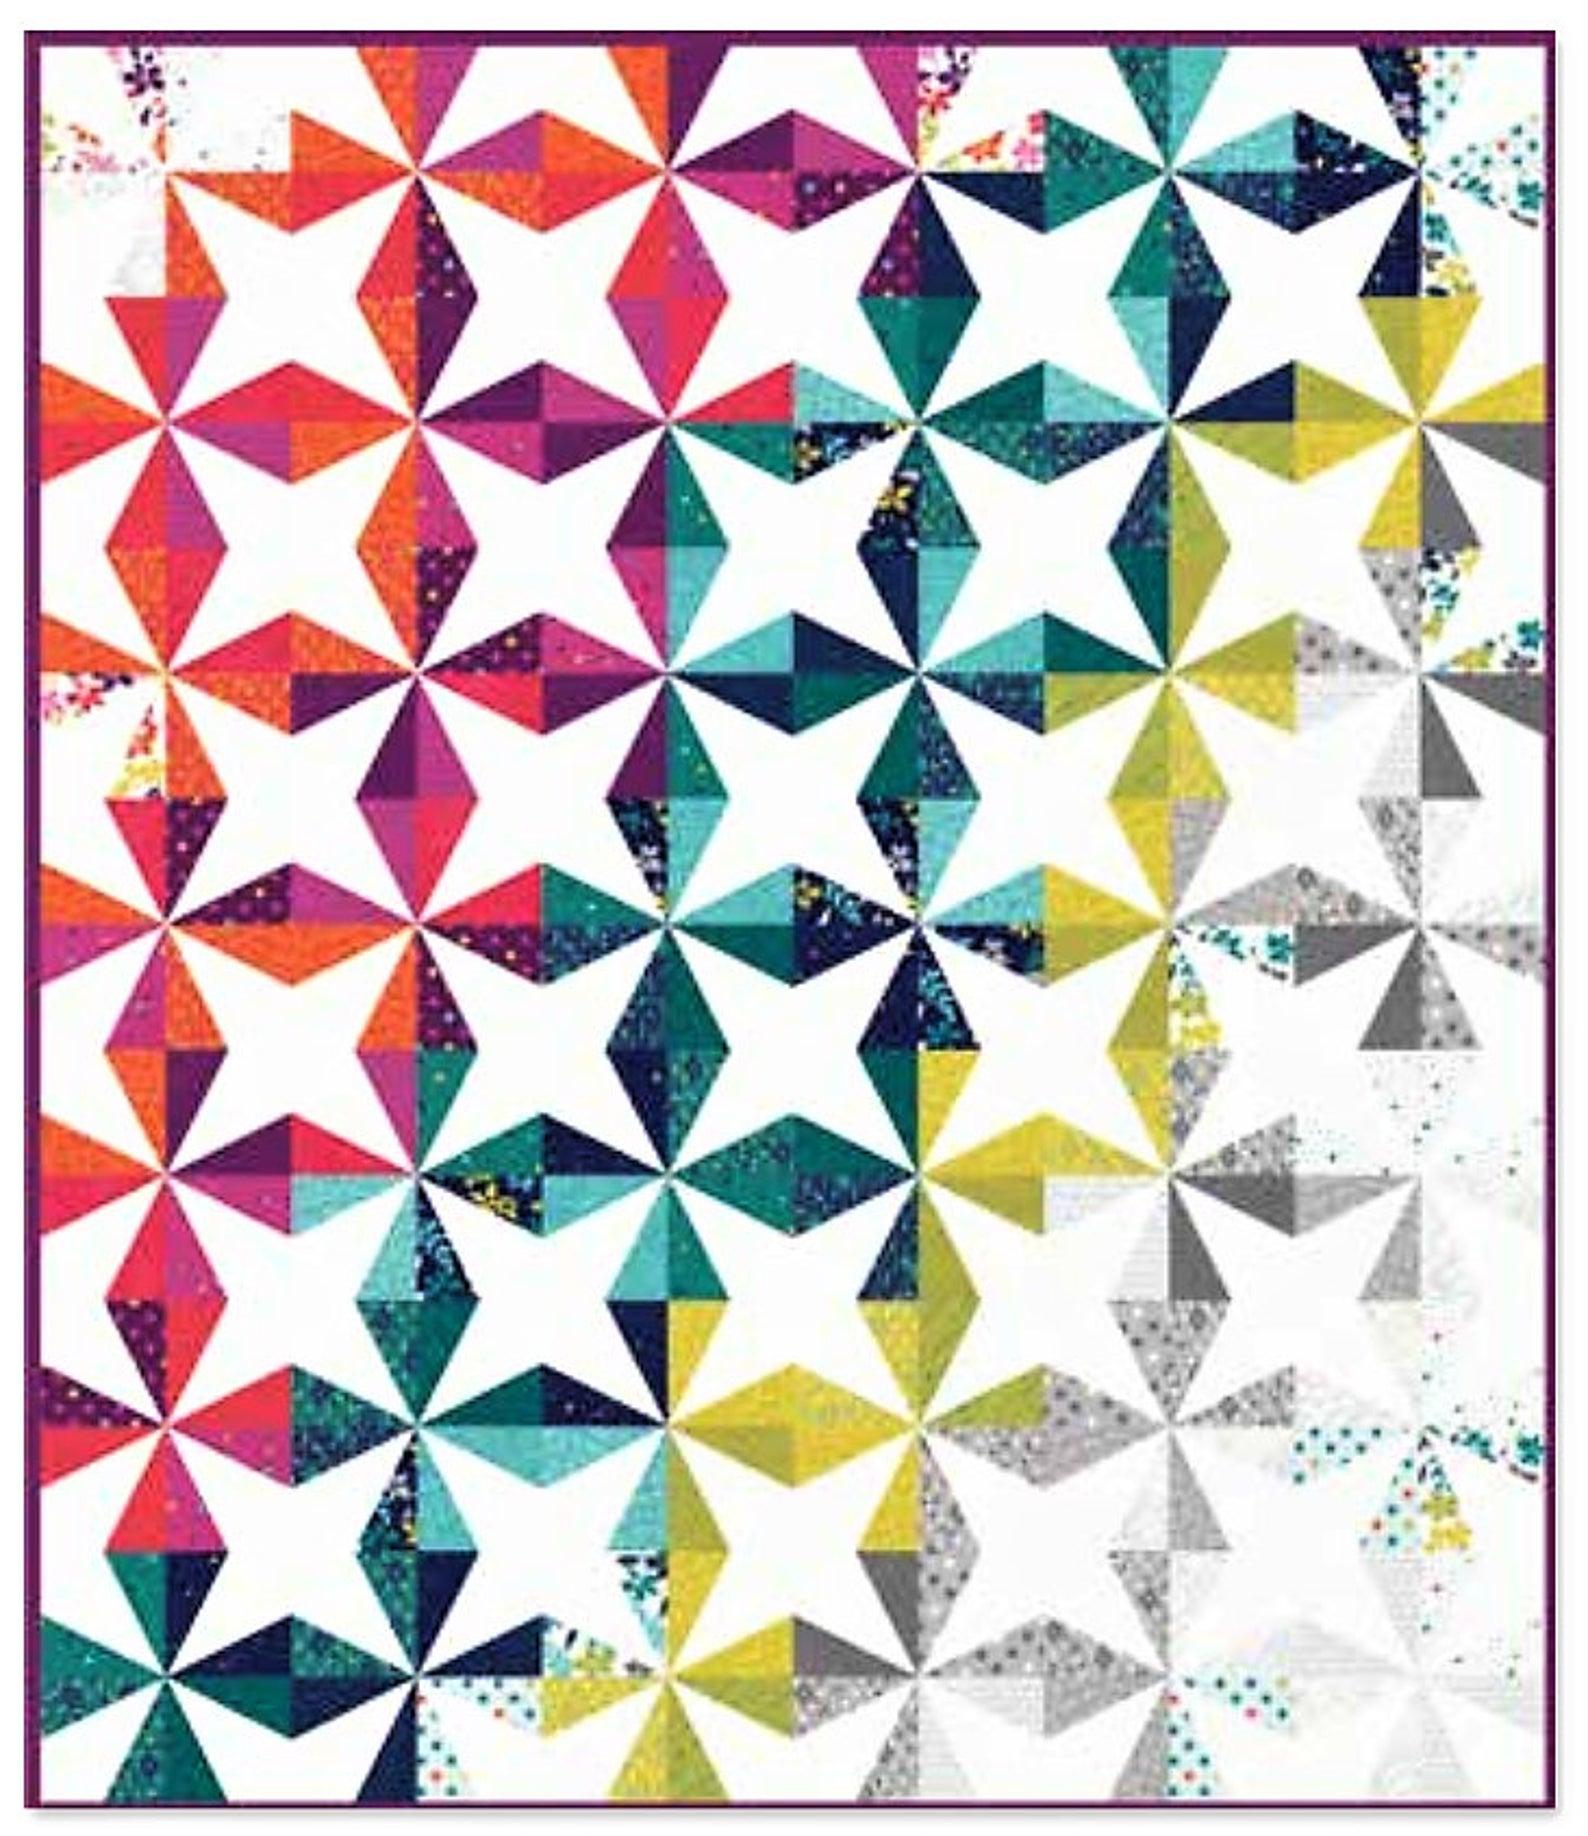 Kite square quilt kit